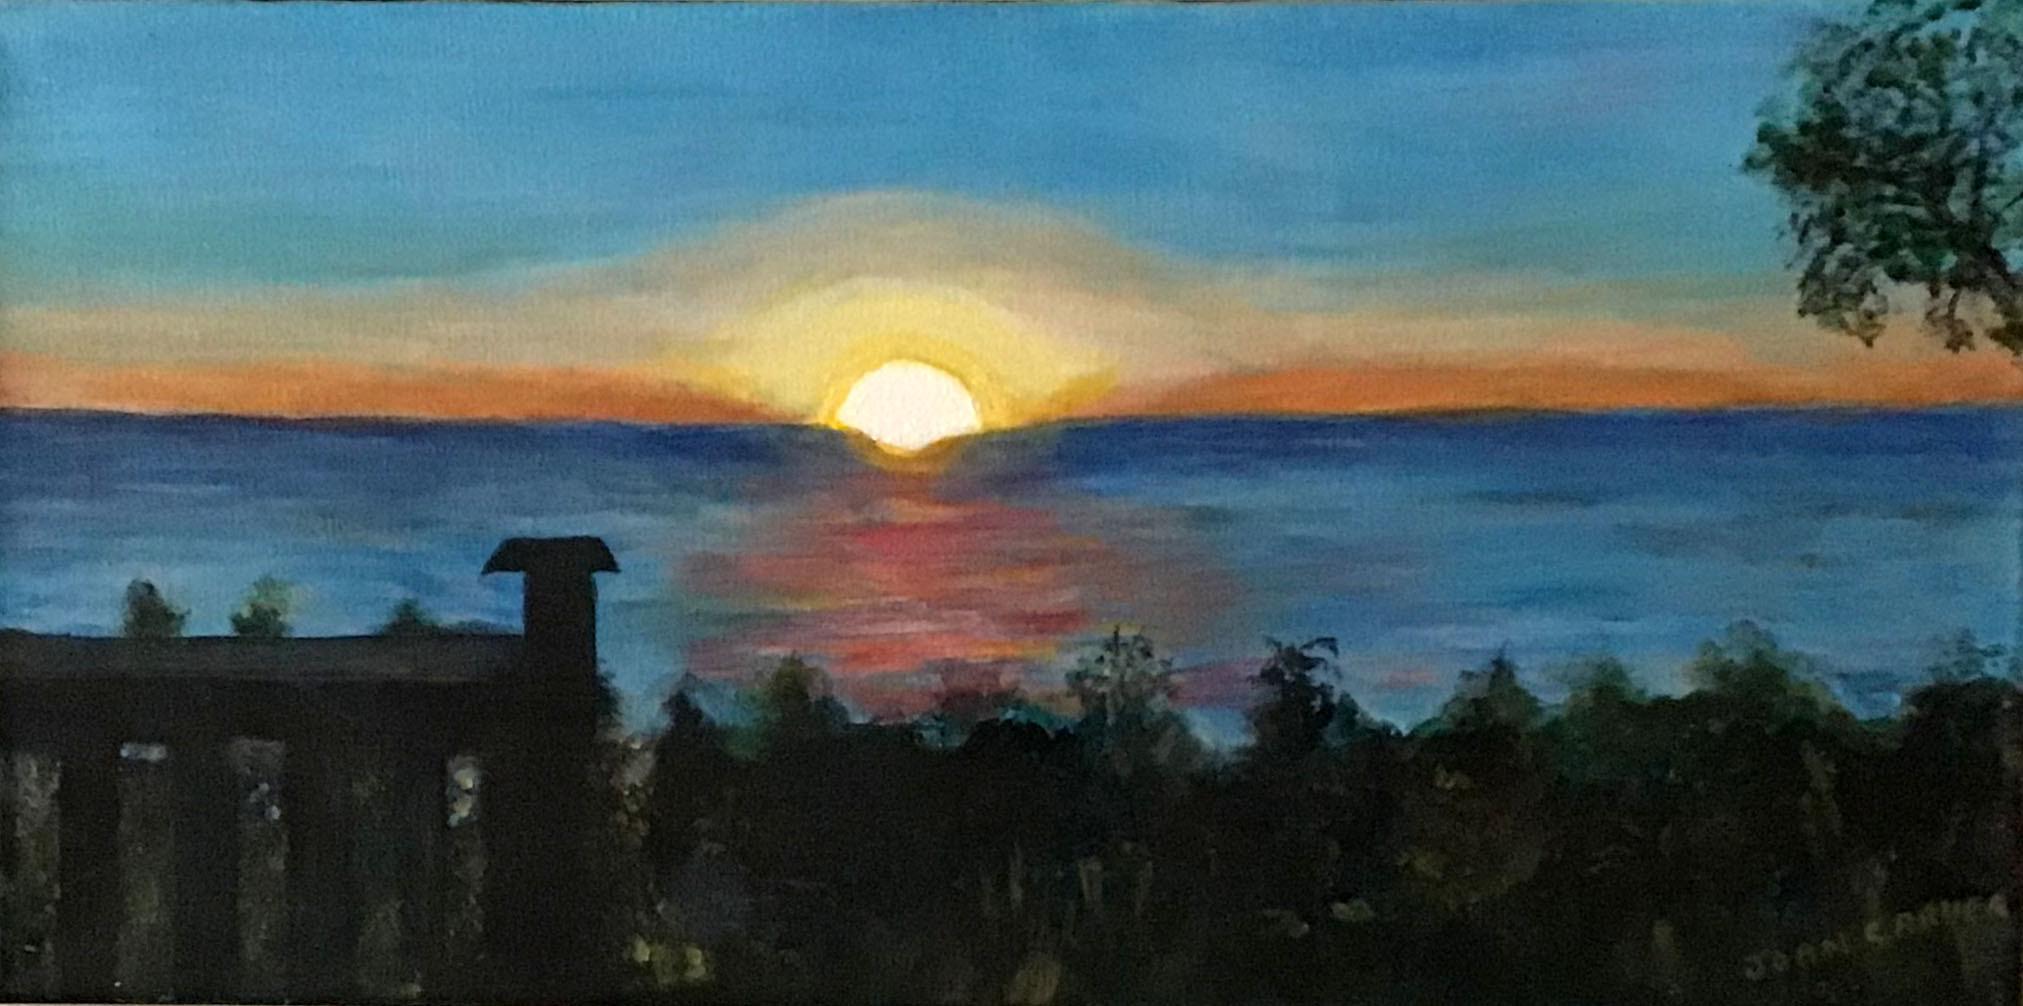 Paul Bunyan Sunset